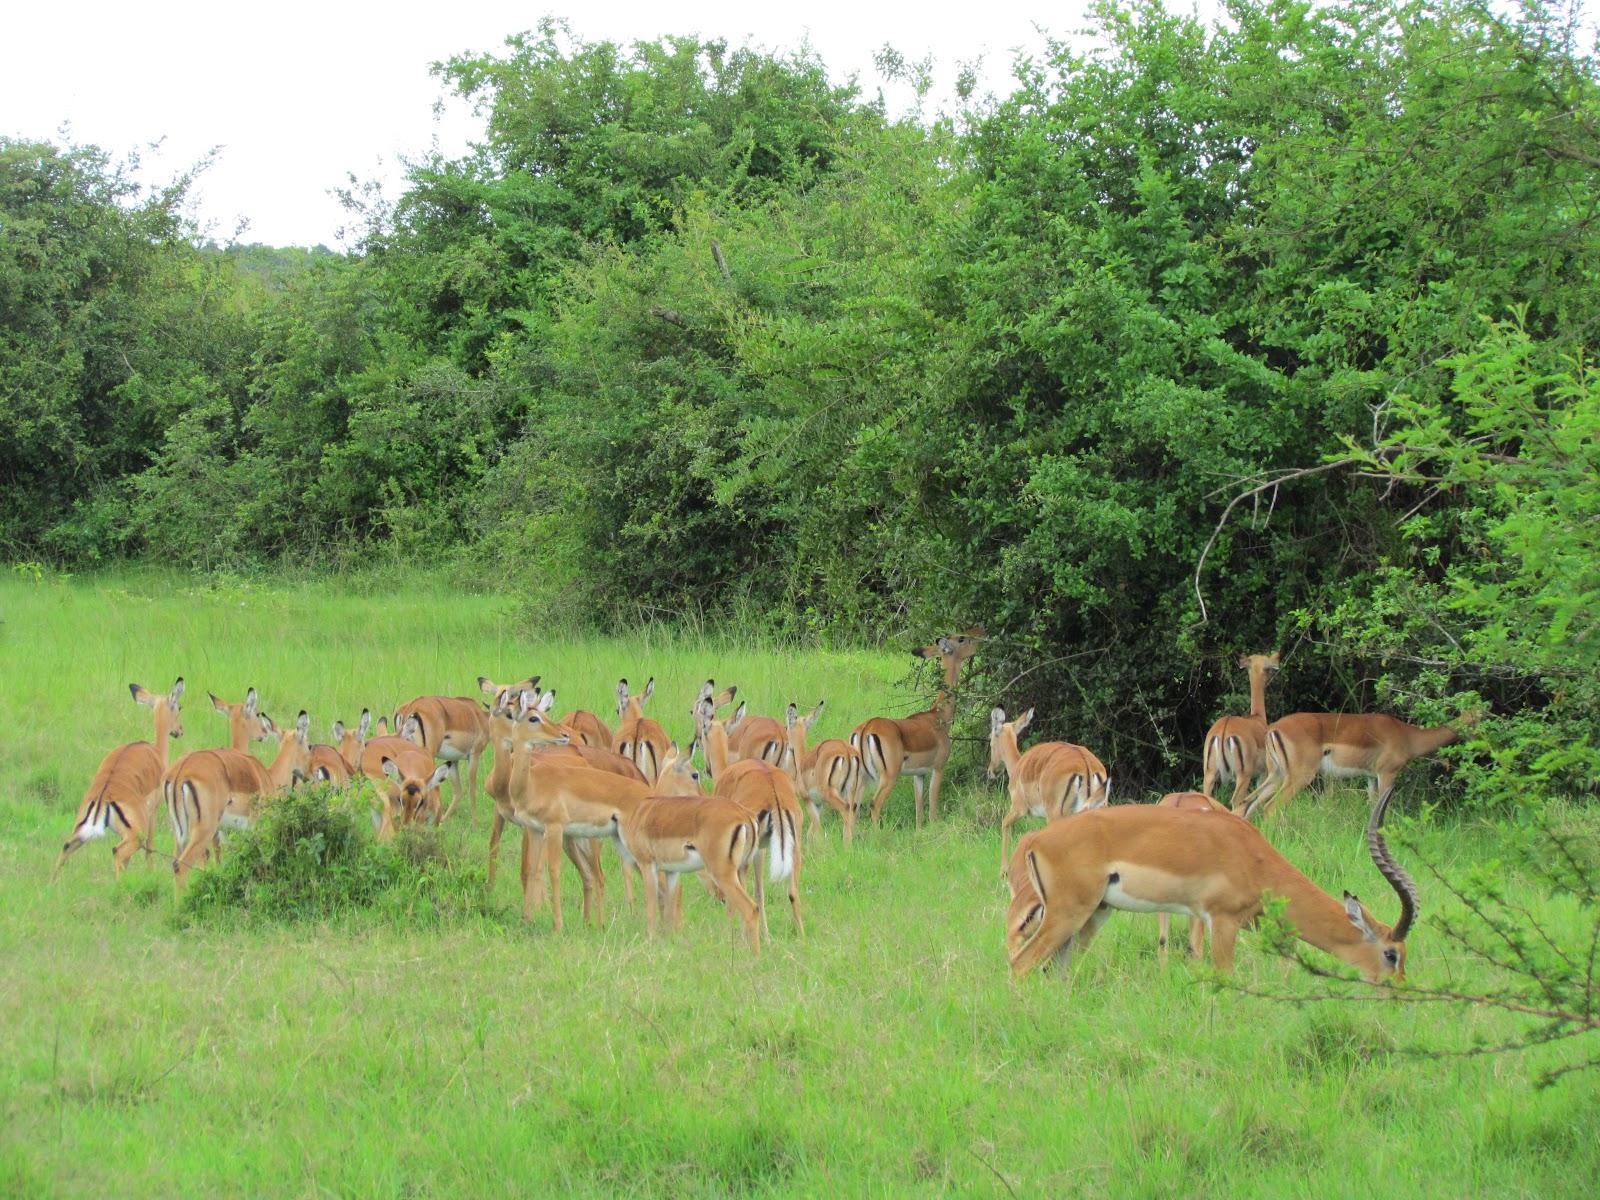 lake-mburo-national-park